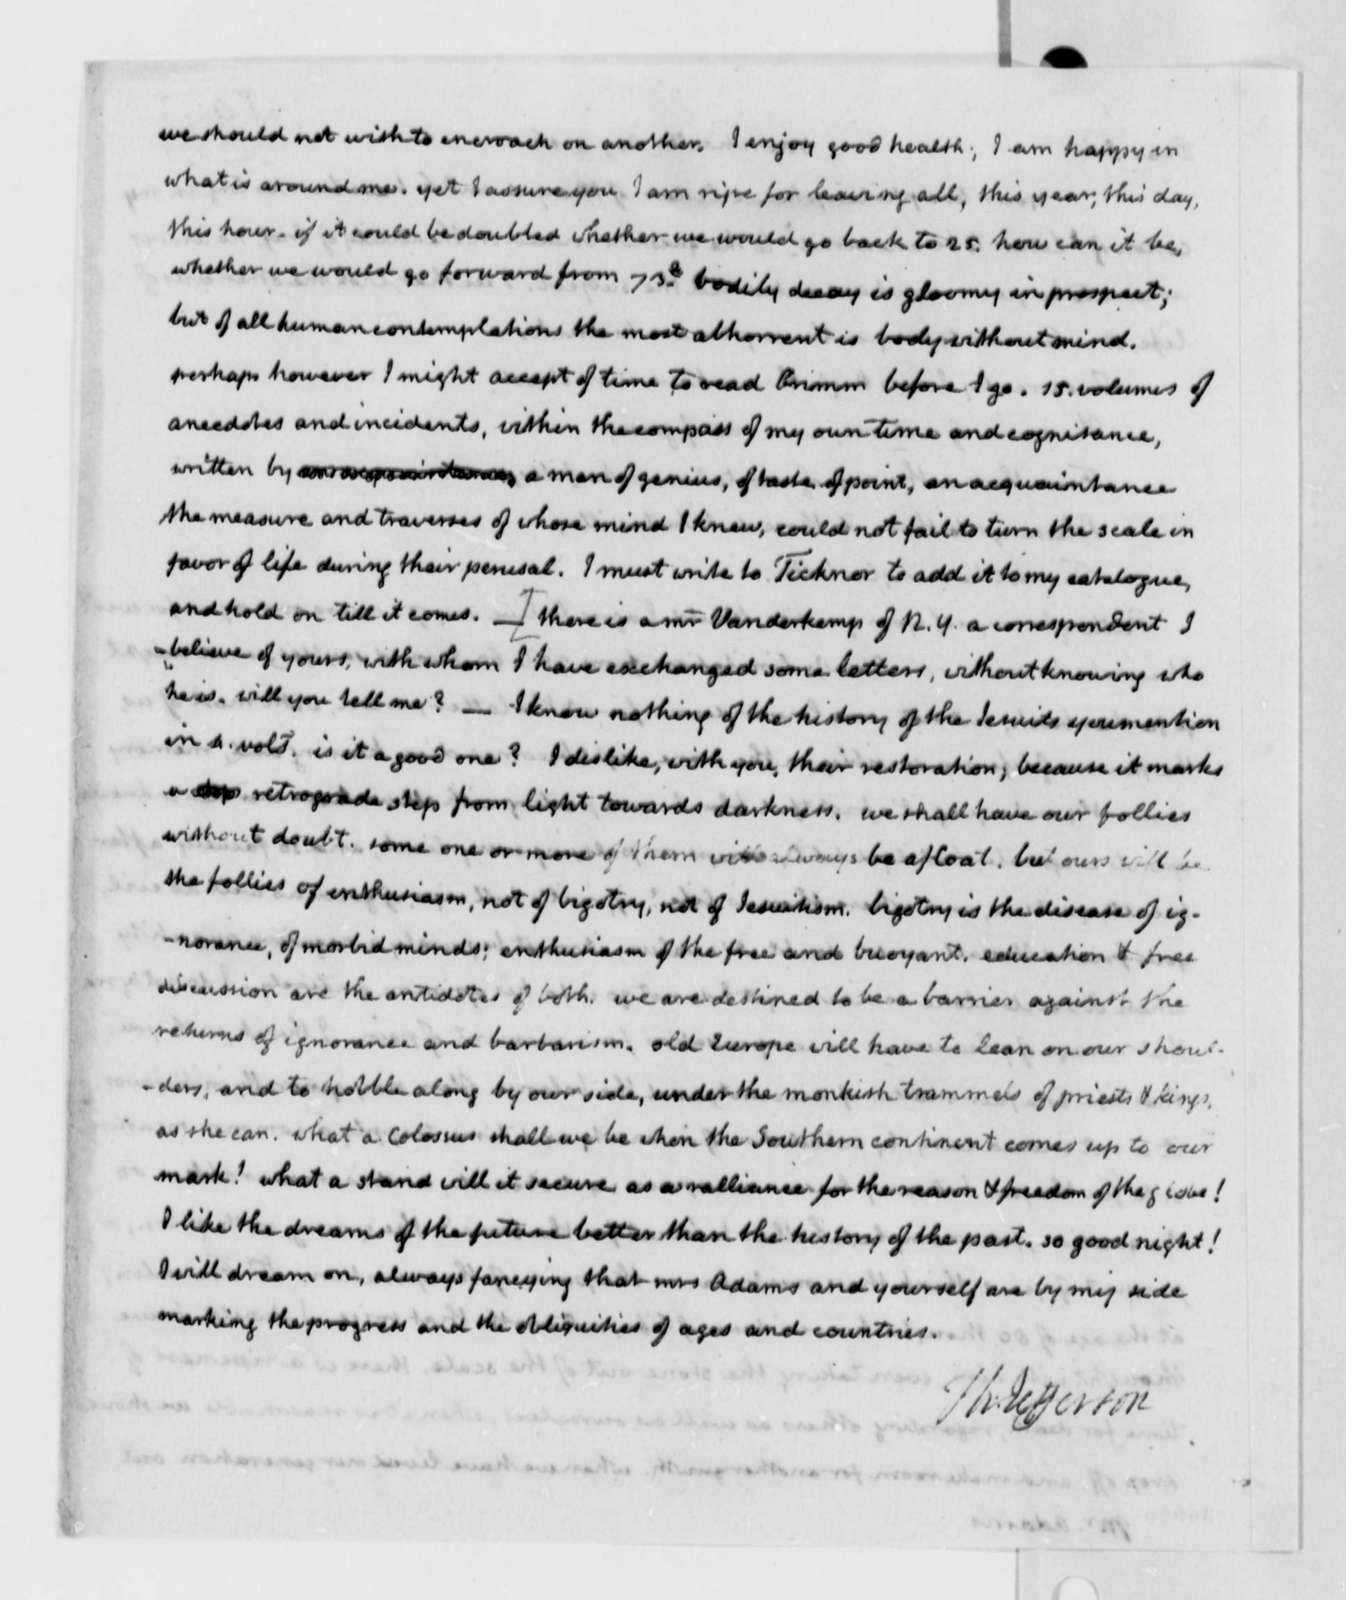 Thomas Jefferson to John Adams, August 1, 1816